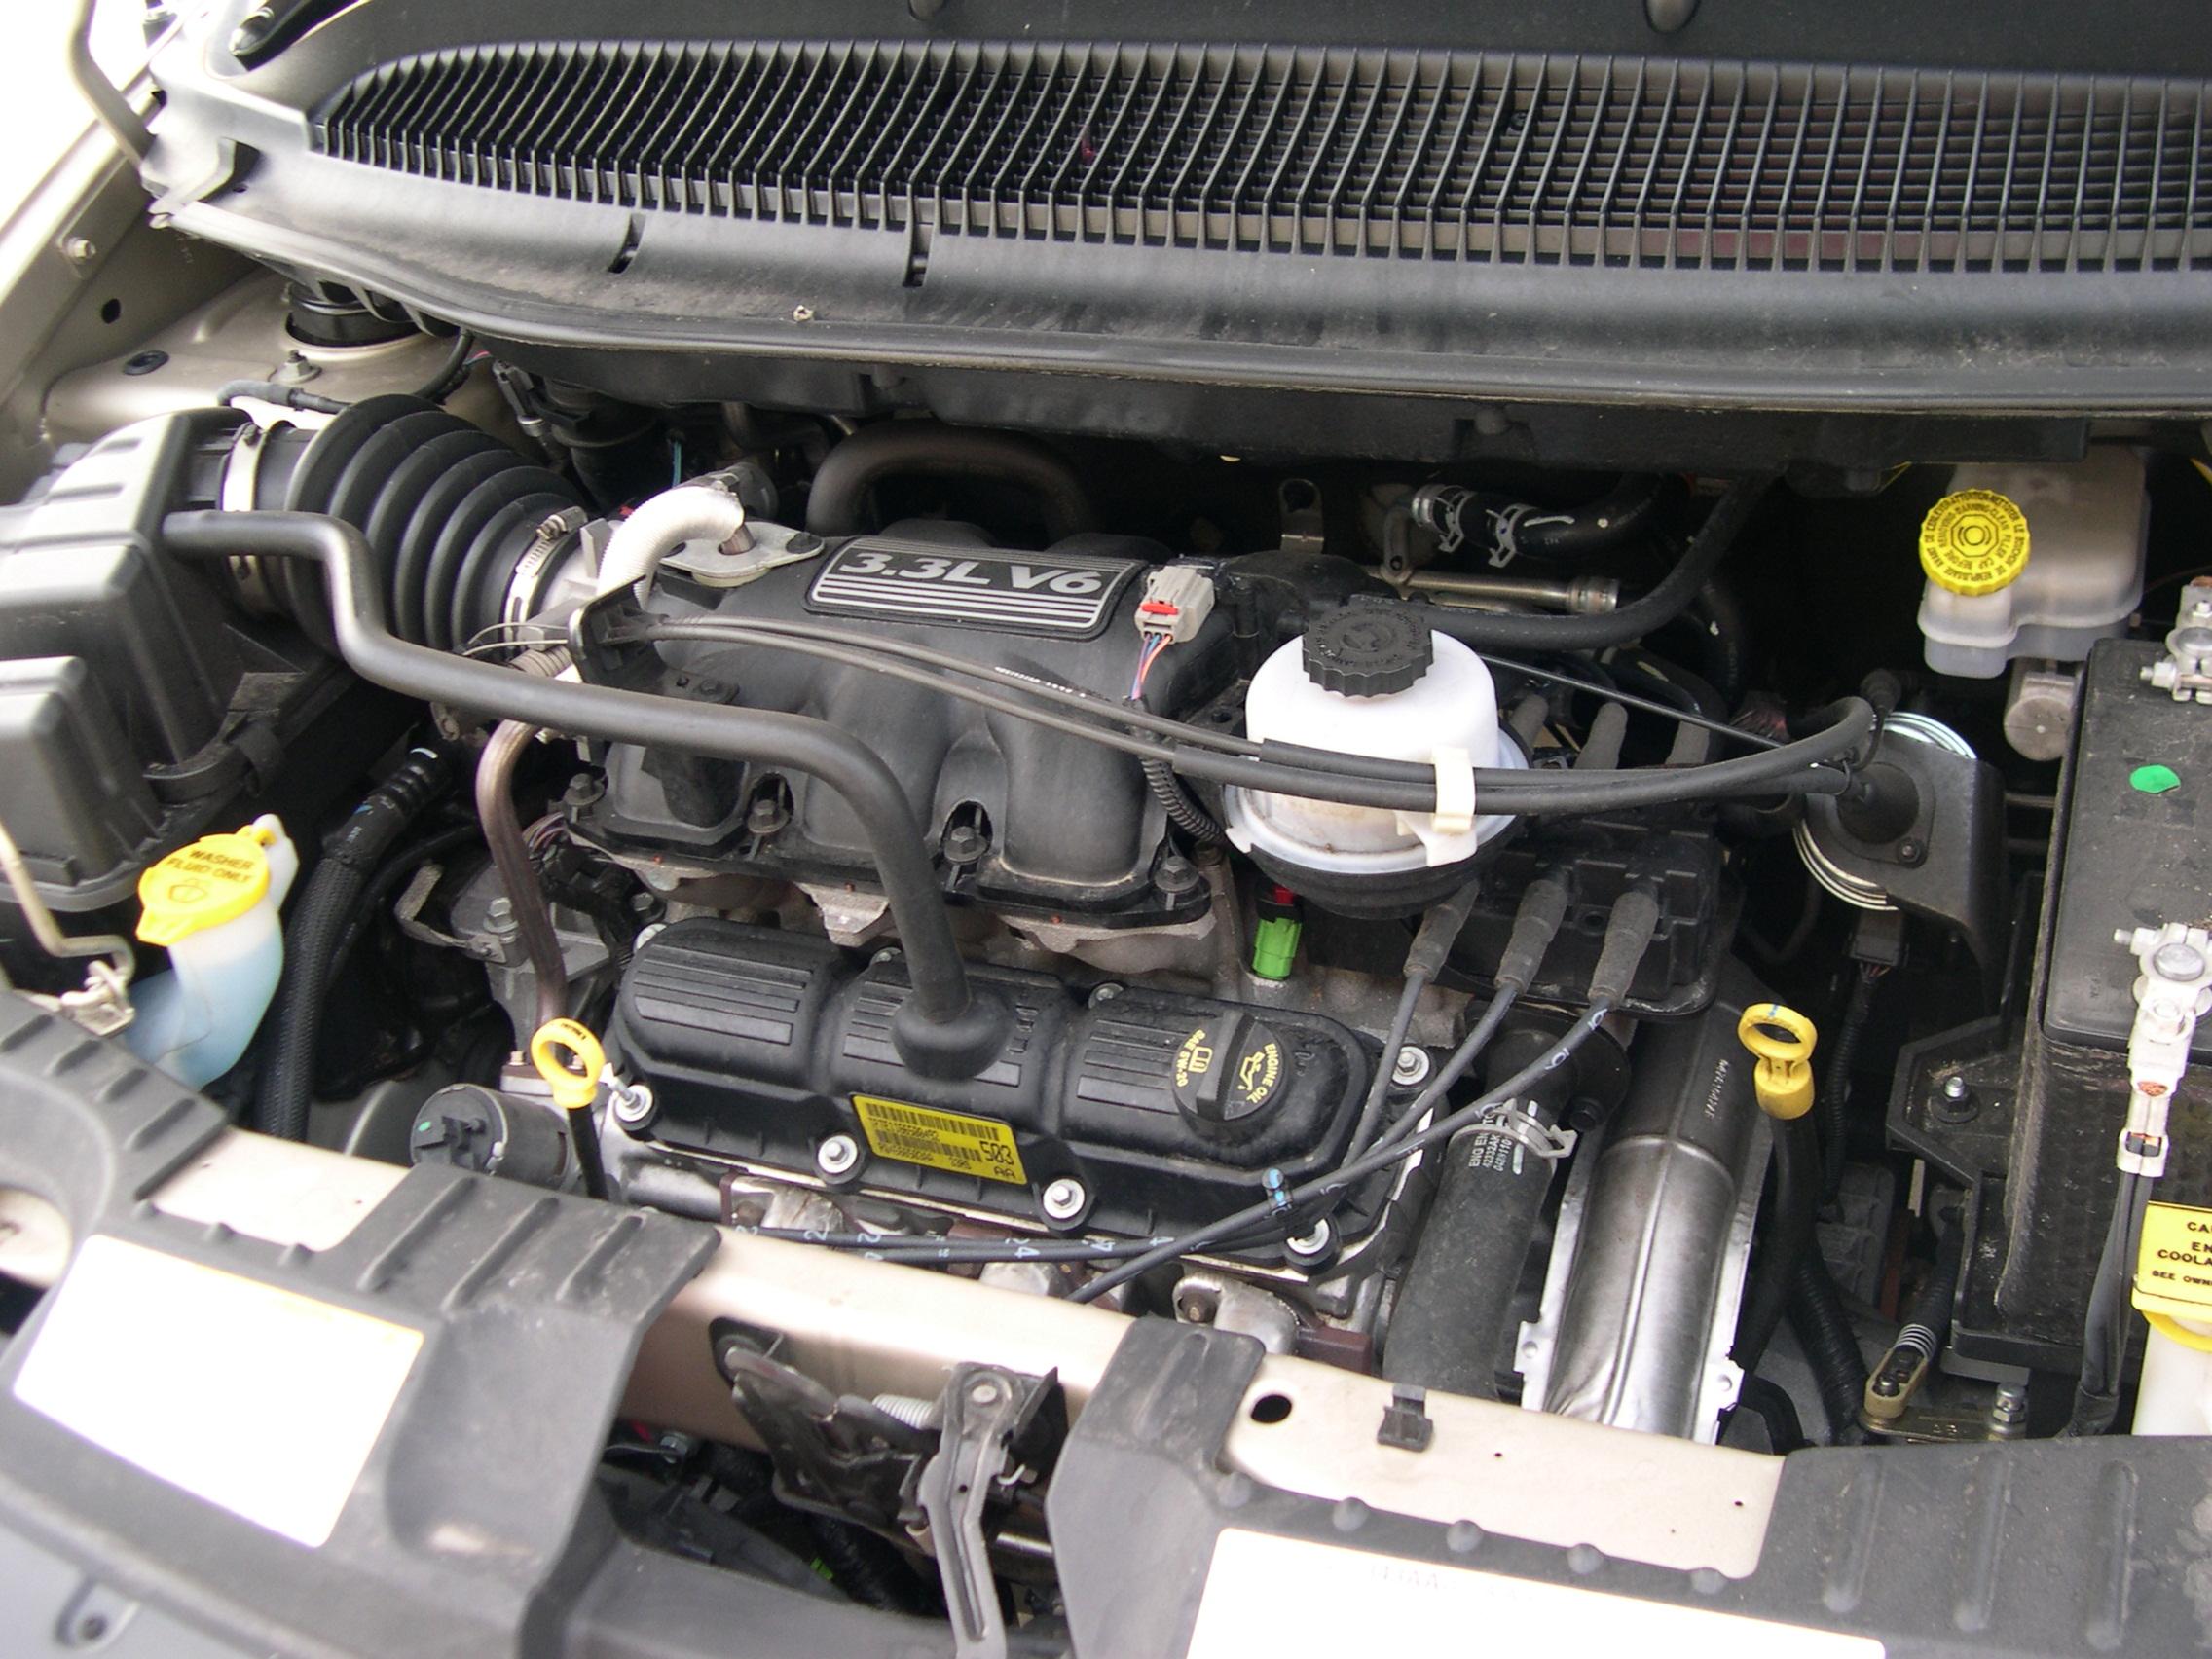 LF_3519] Chrysler 3 3 Engine Diagram On Chrysler 3 8 Liter Engine Diagram  Download DiagramTacle Xolia Mohammedshrine Librar Wiring 101